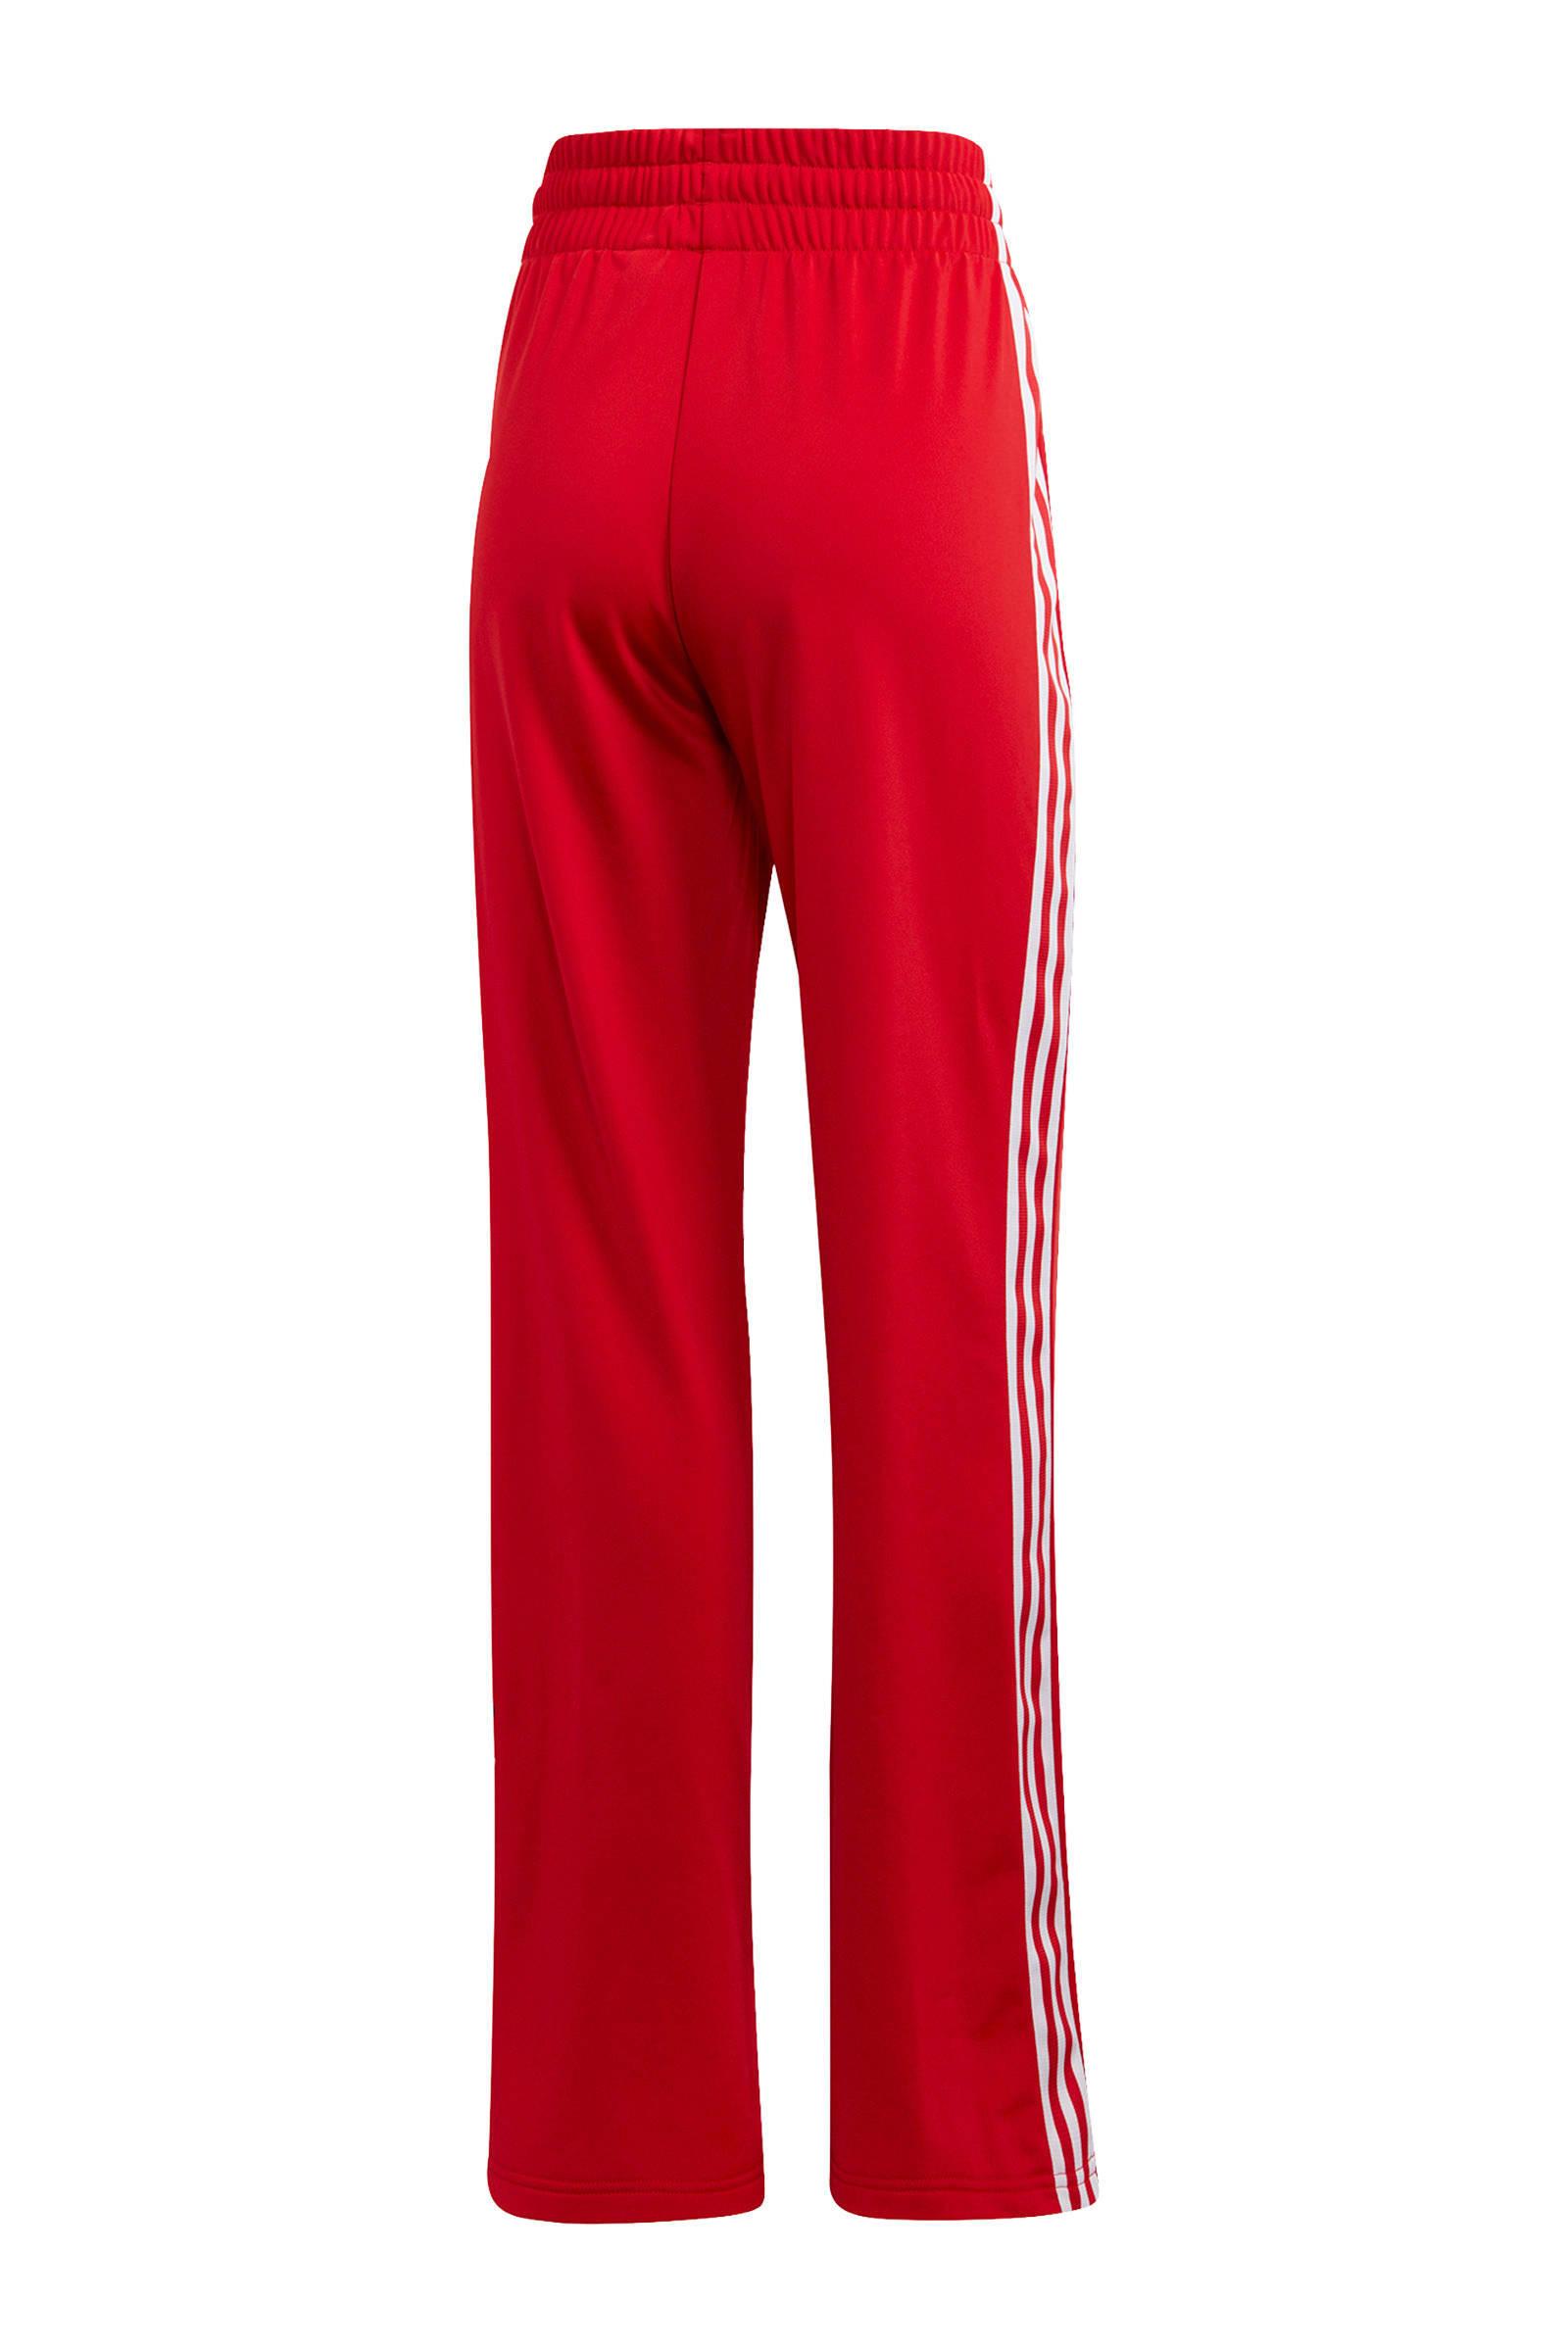 adidas Originals Valentine's Day trainingsbroek rood/wit ...